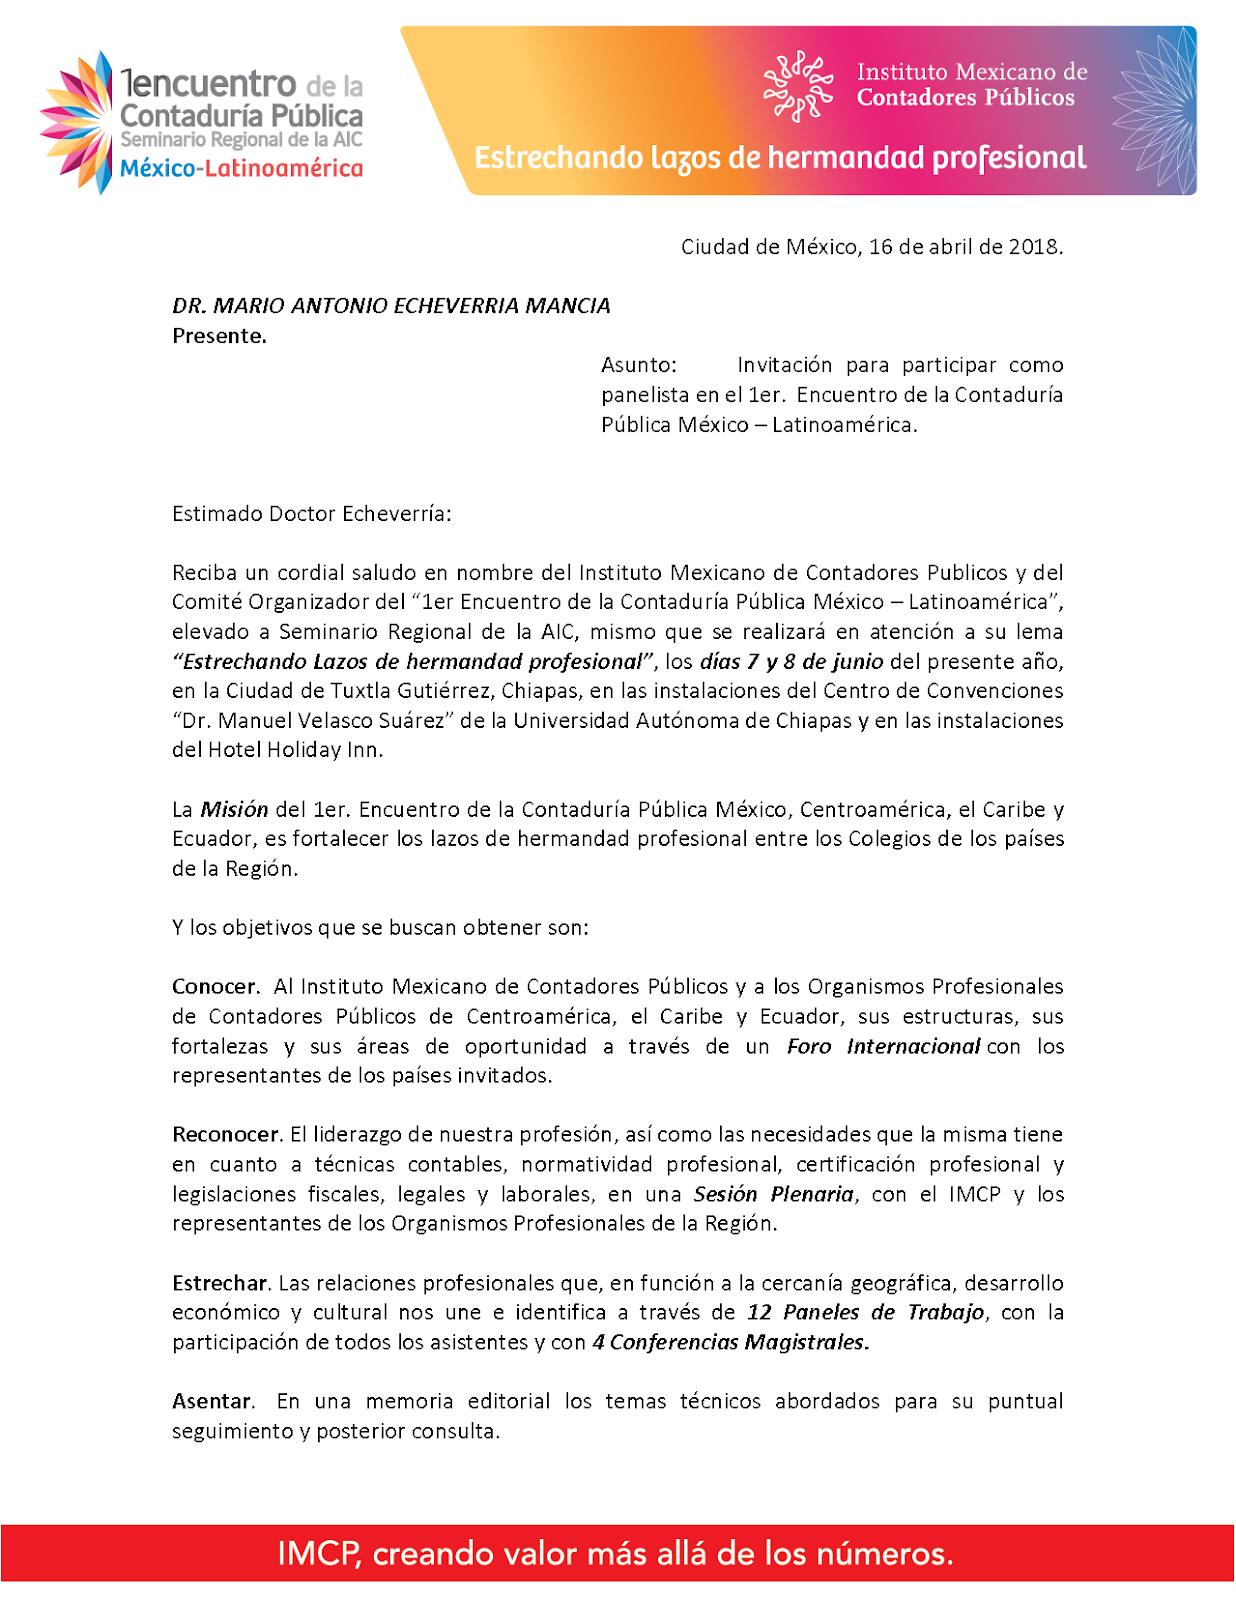 Dorable Reanudar Para La Contabilidad Adorno - Ejemplo De Colección ...